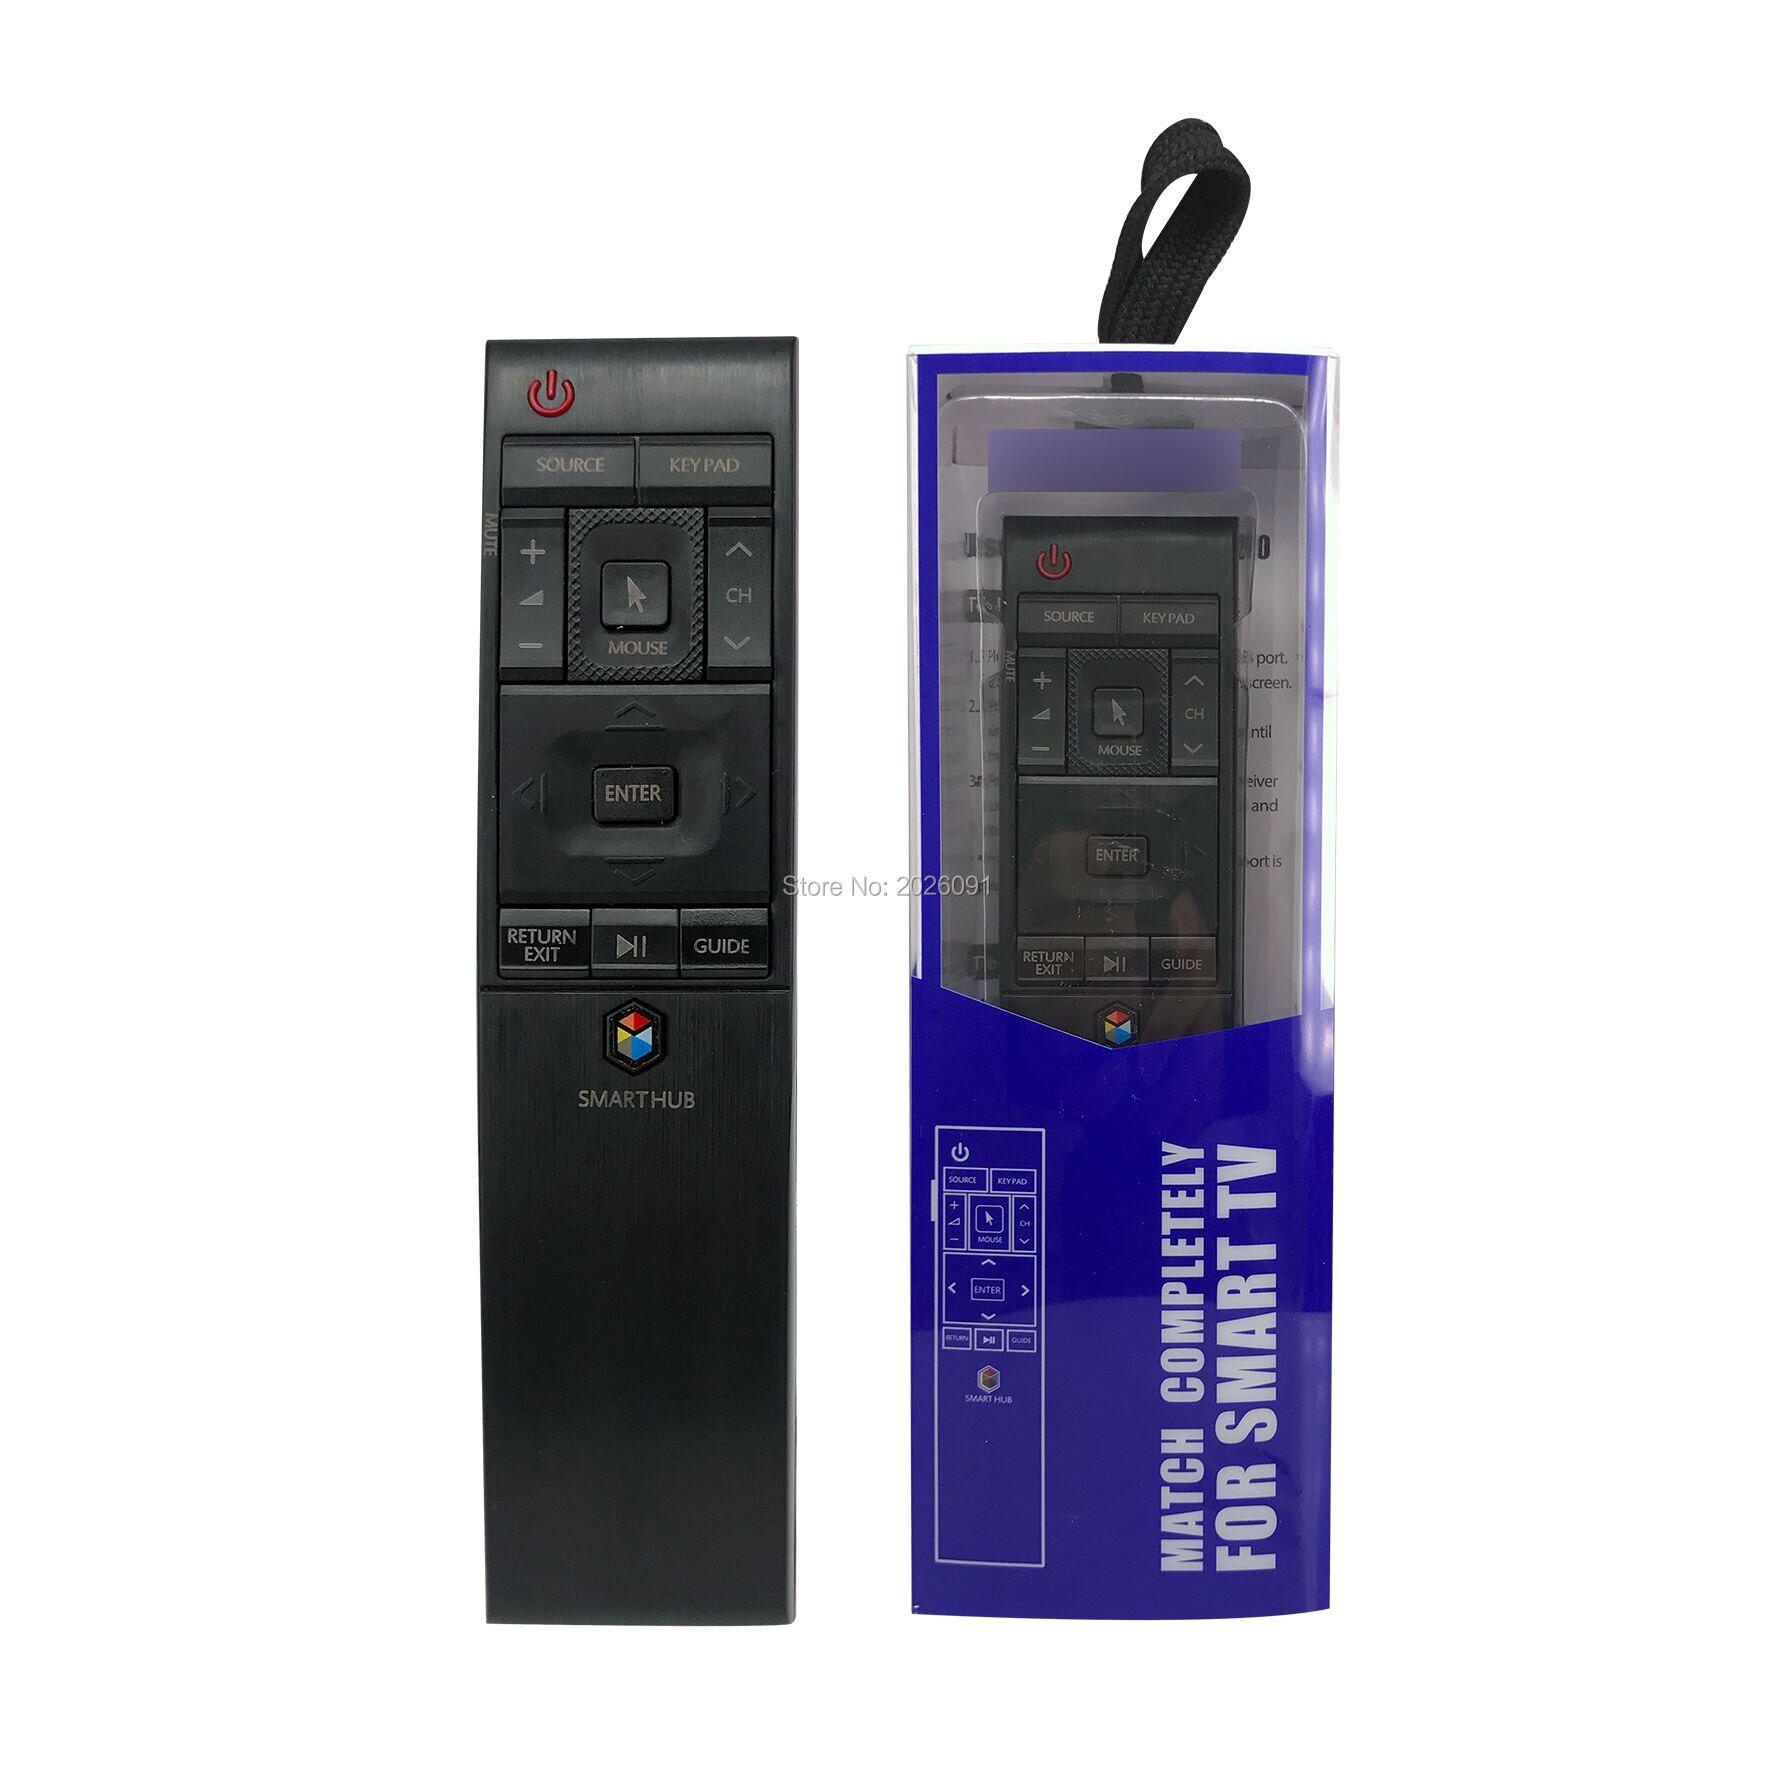 Nouvelle télécommande avec souris à AIR pour SAMSUNG incurvé SUND UHD BN59-01220D TM1580 BN59-01221B TM1560 BN59-01220B BN59-01220M